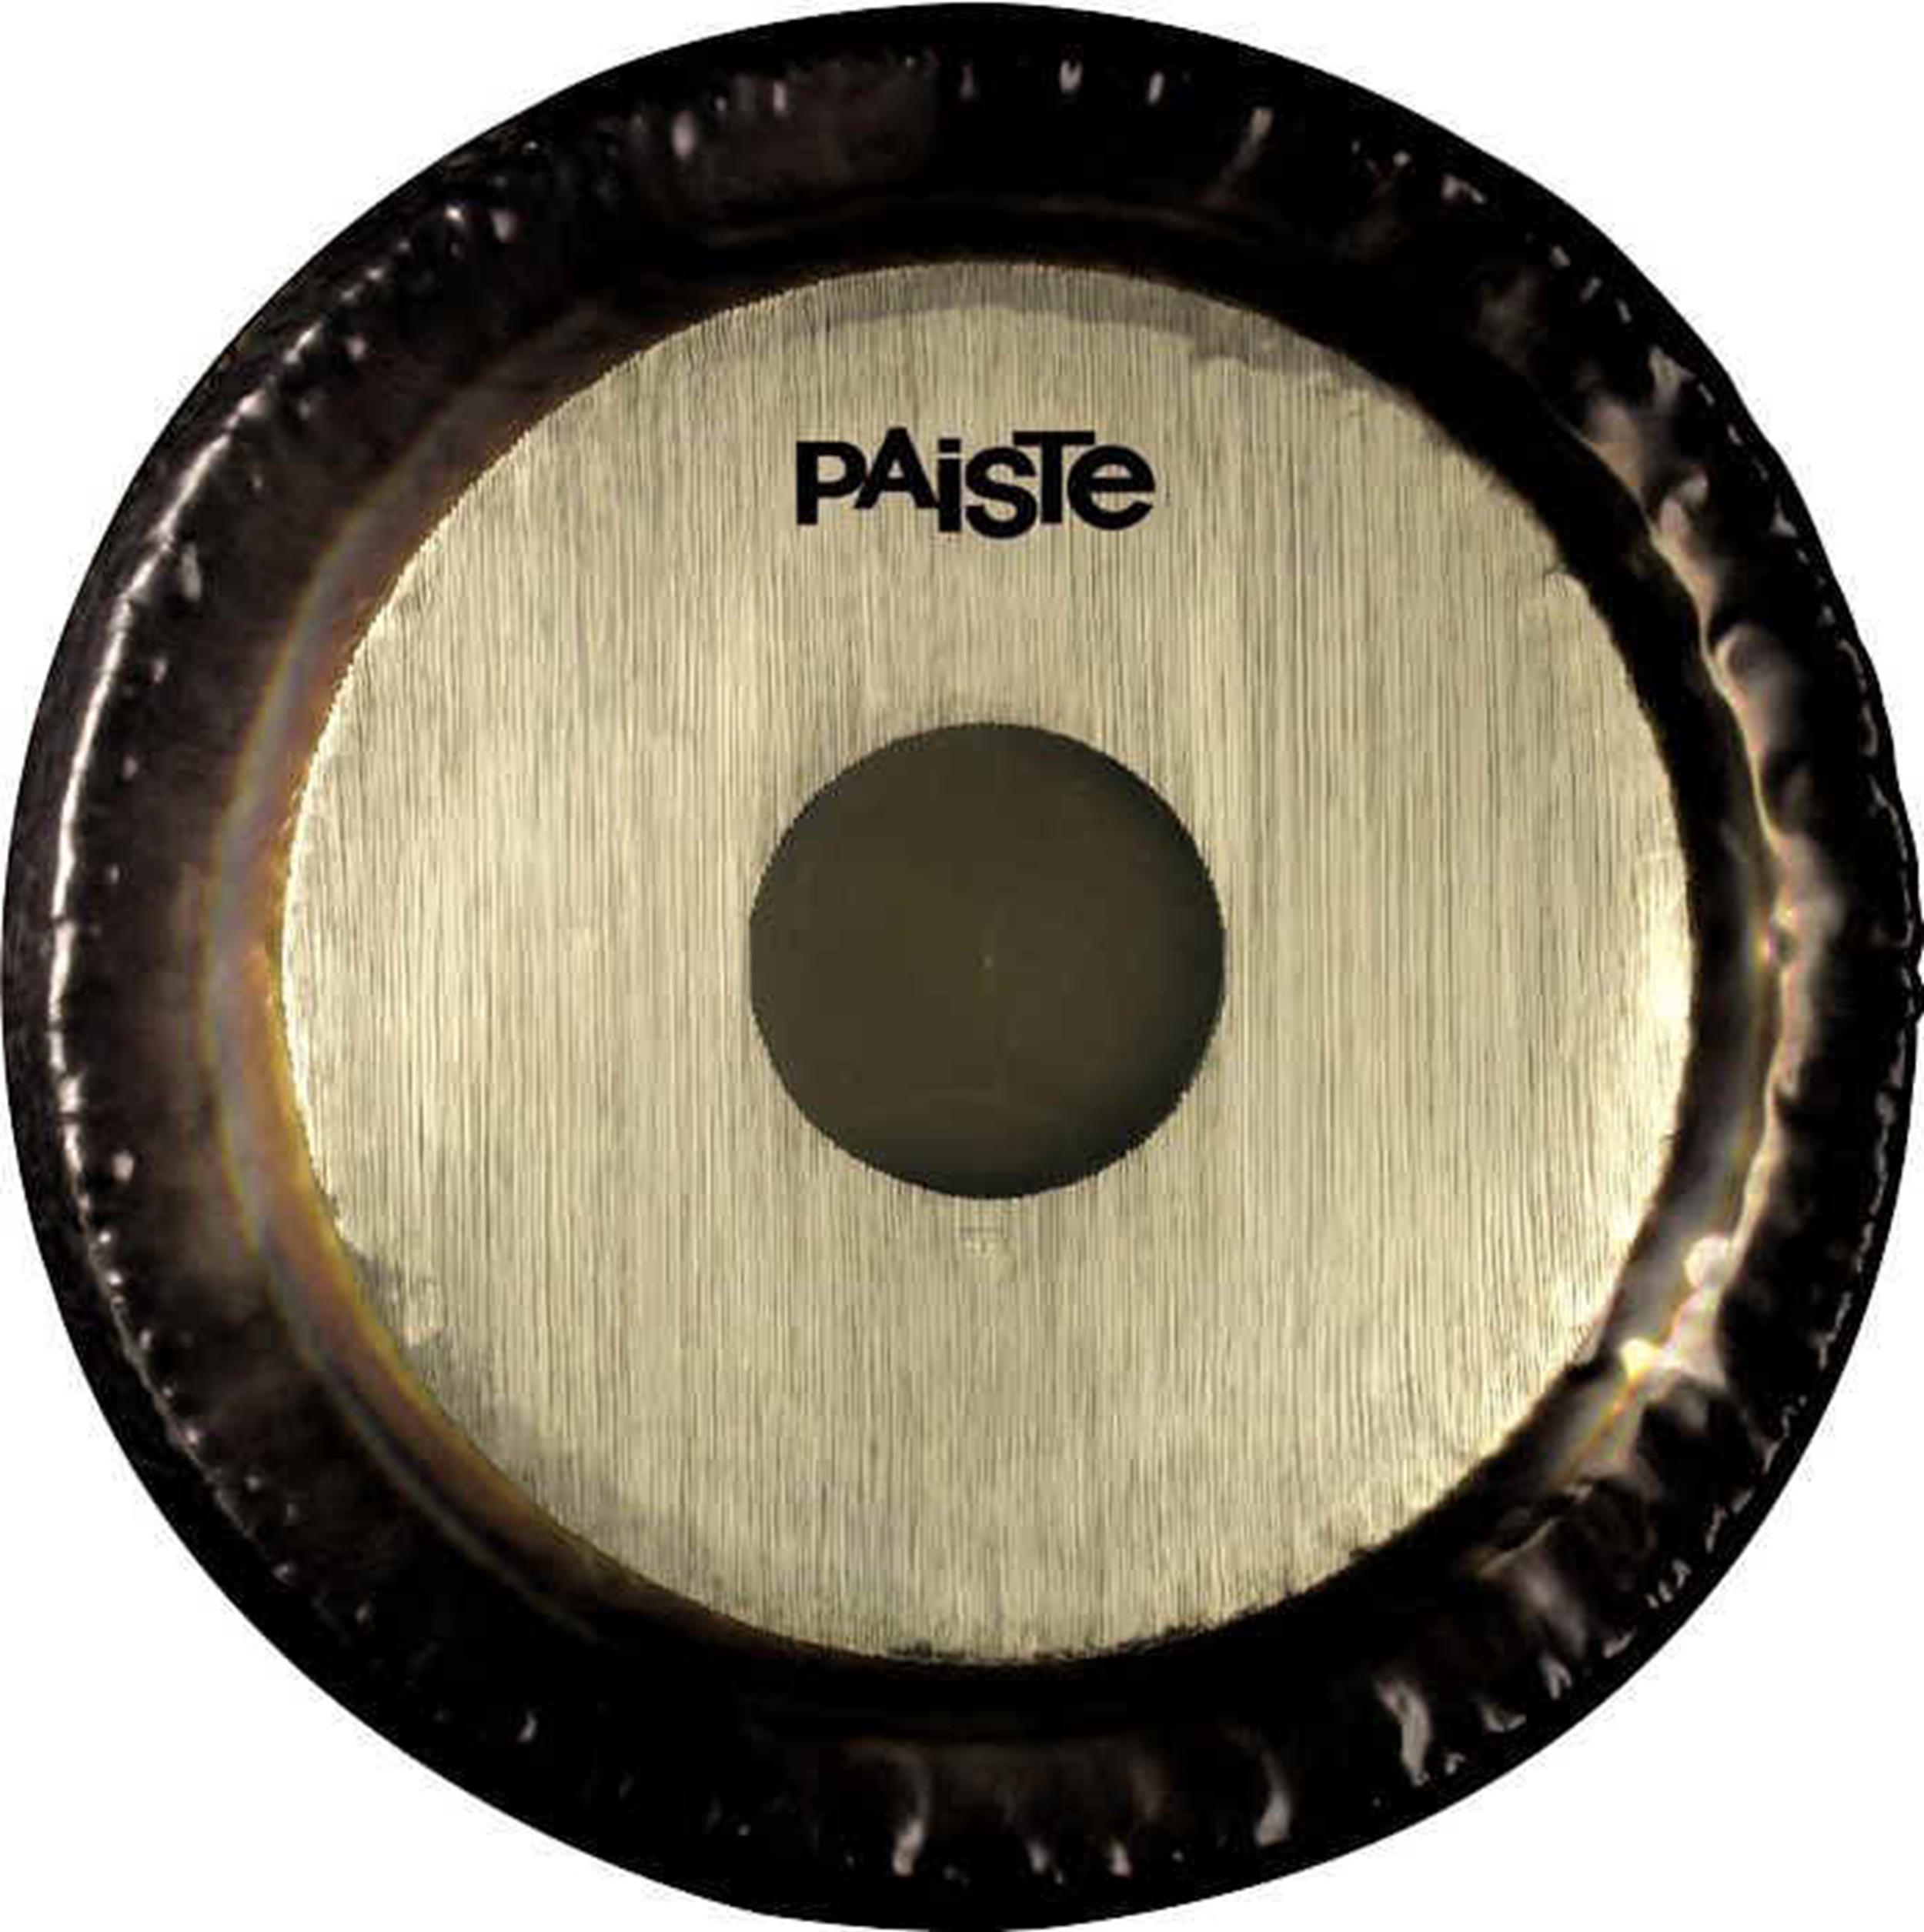 PAISTE GONG34 - Paiste Symphonic Gong 34